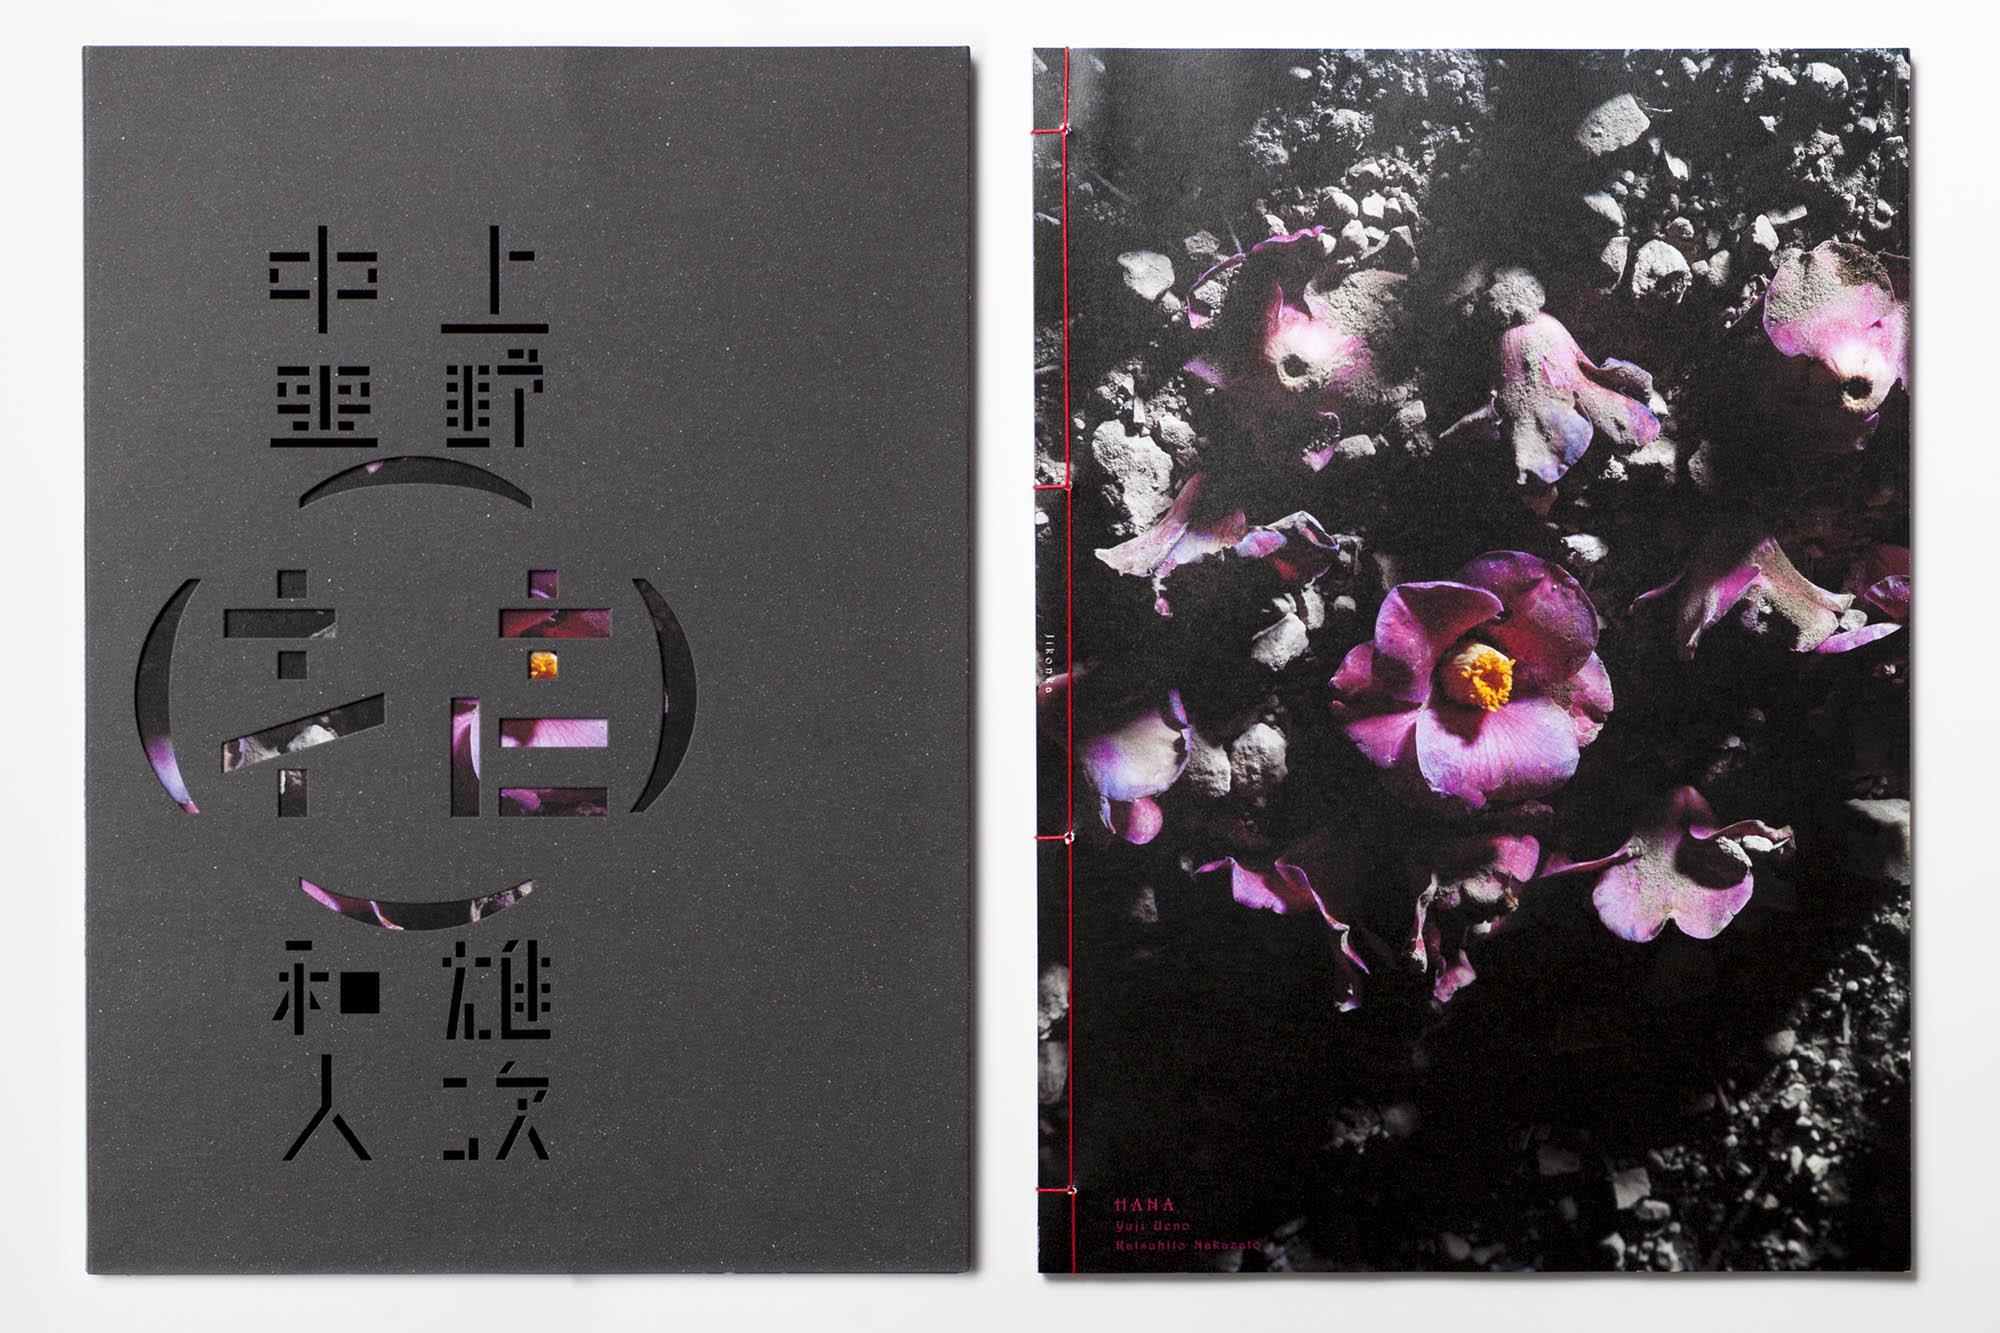 HANA 上野雄次 中里和人 作品集 装幀 デザイン 本体と函